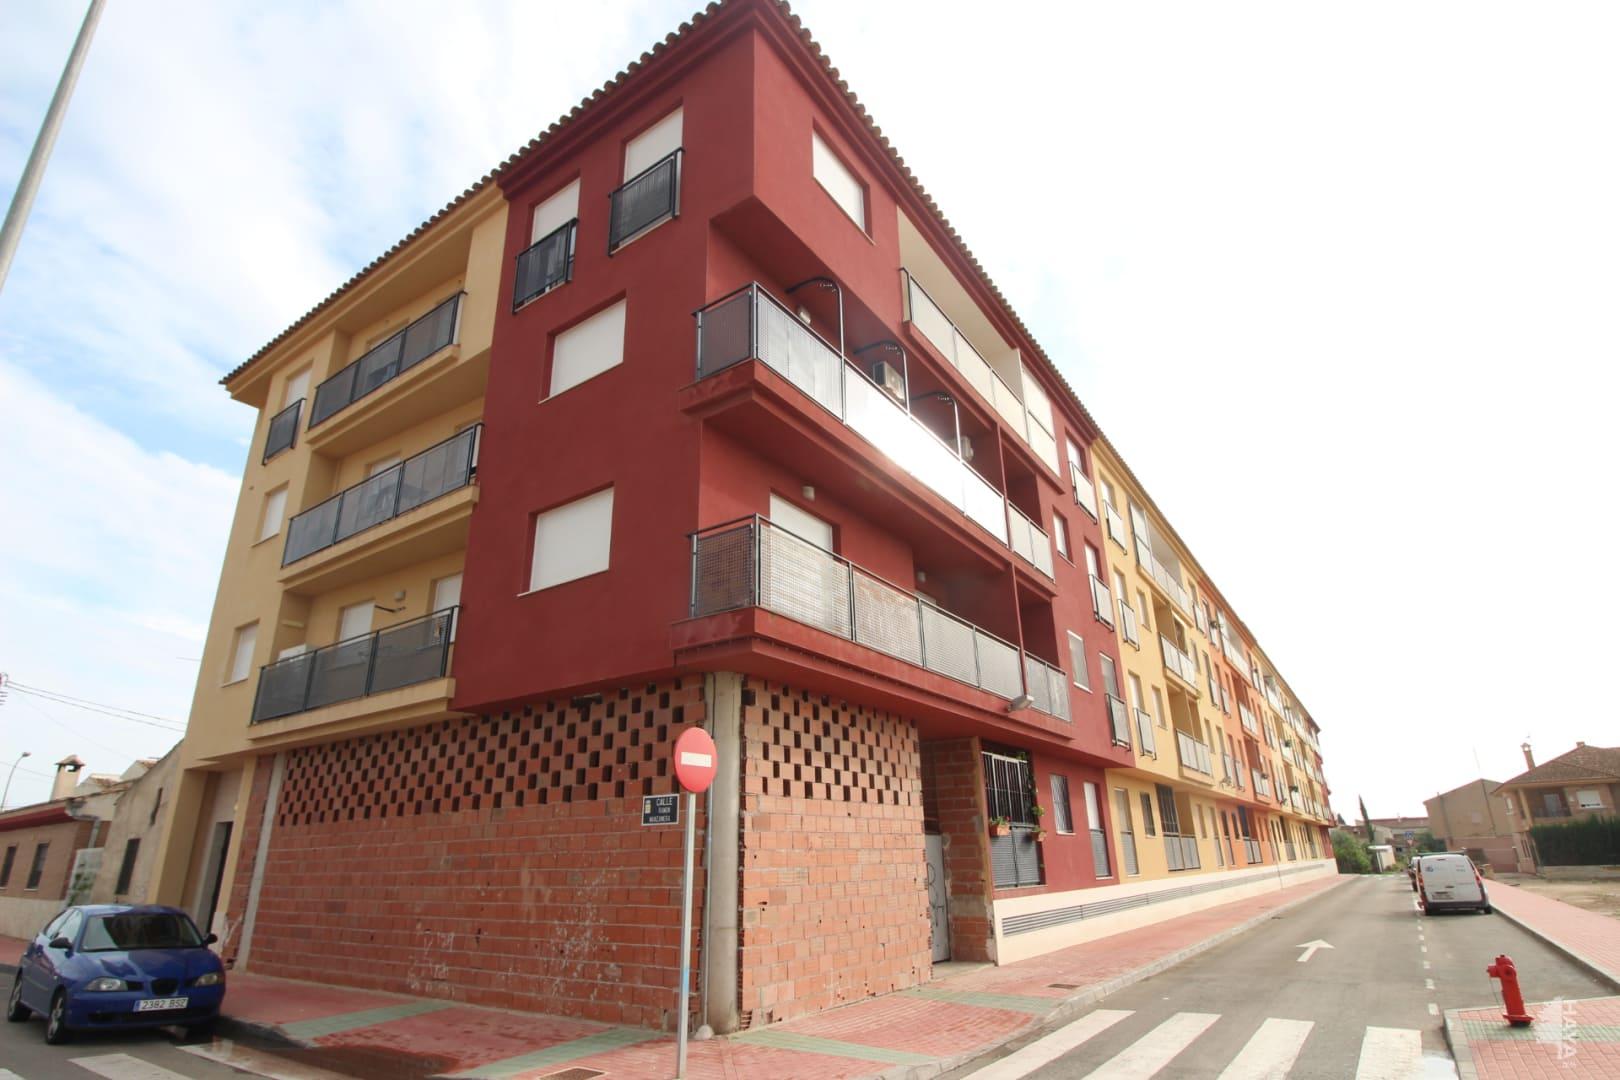 Piso en venta en Murcia, Murcia, Calle Miguel de la Nieves, 102.000 €, 4 habitaciones, 2 baños, 153 m2